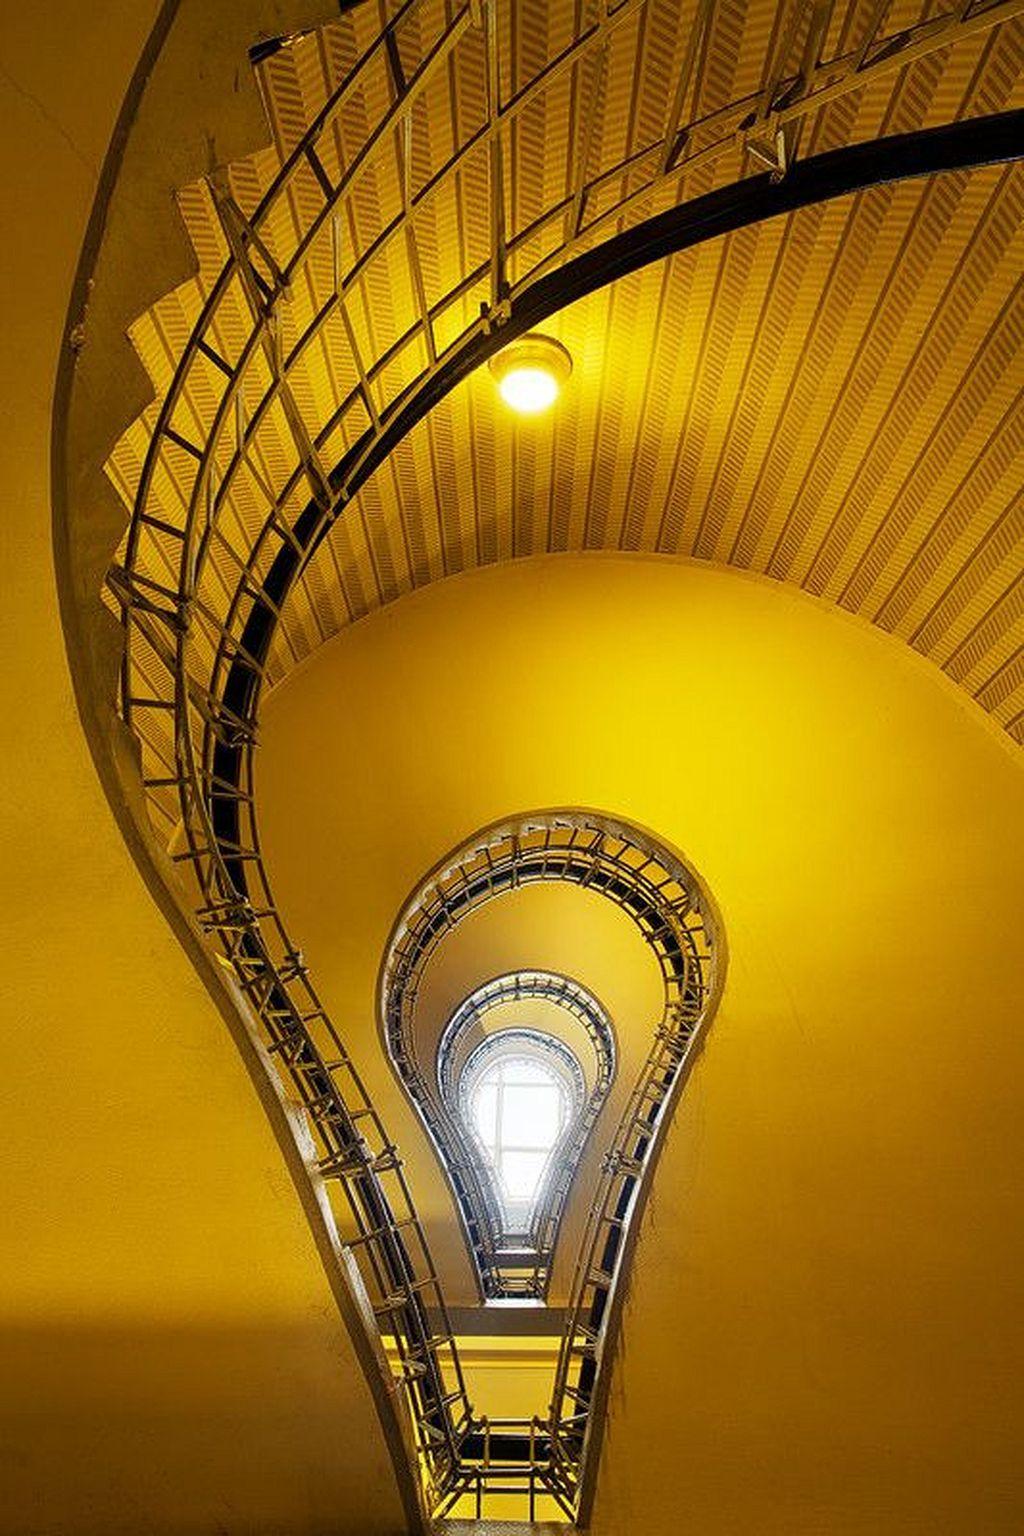 31 Light Bulb Staircase In Prague Bulb, Light bulb, Prague